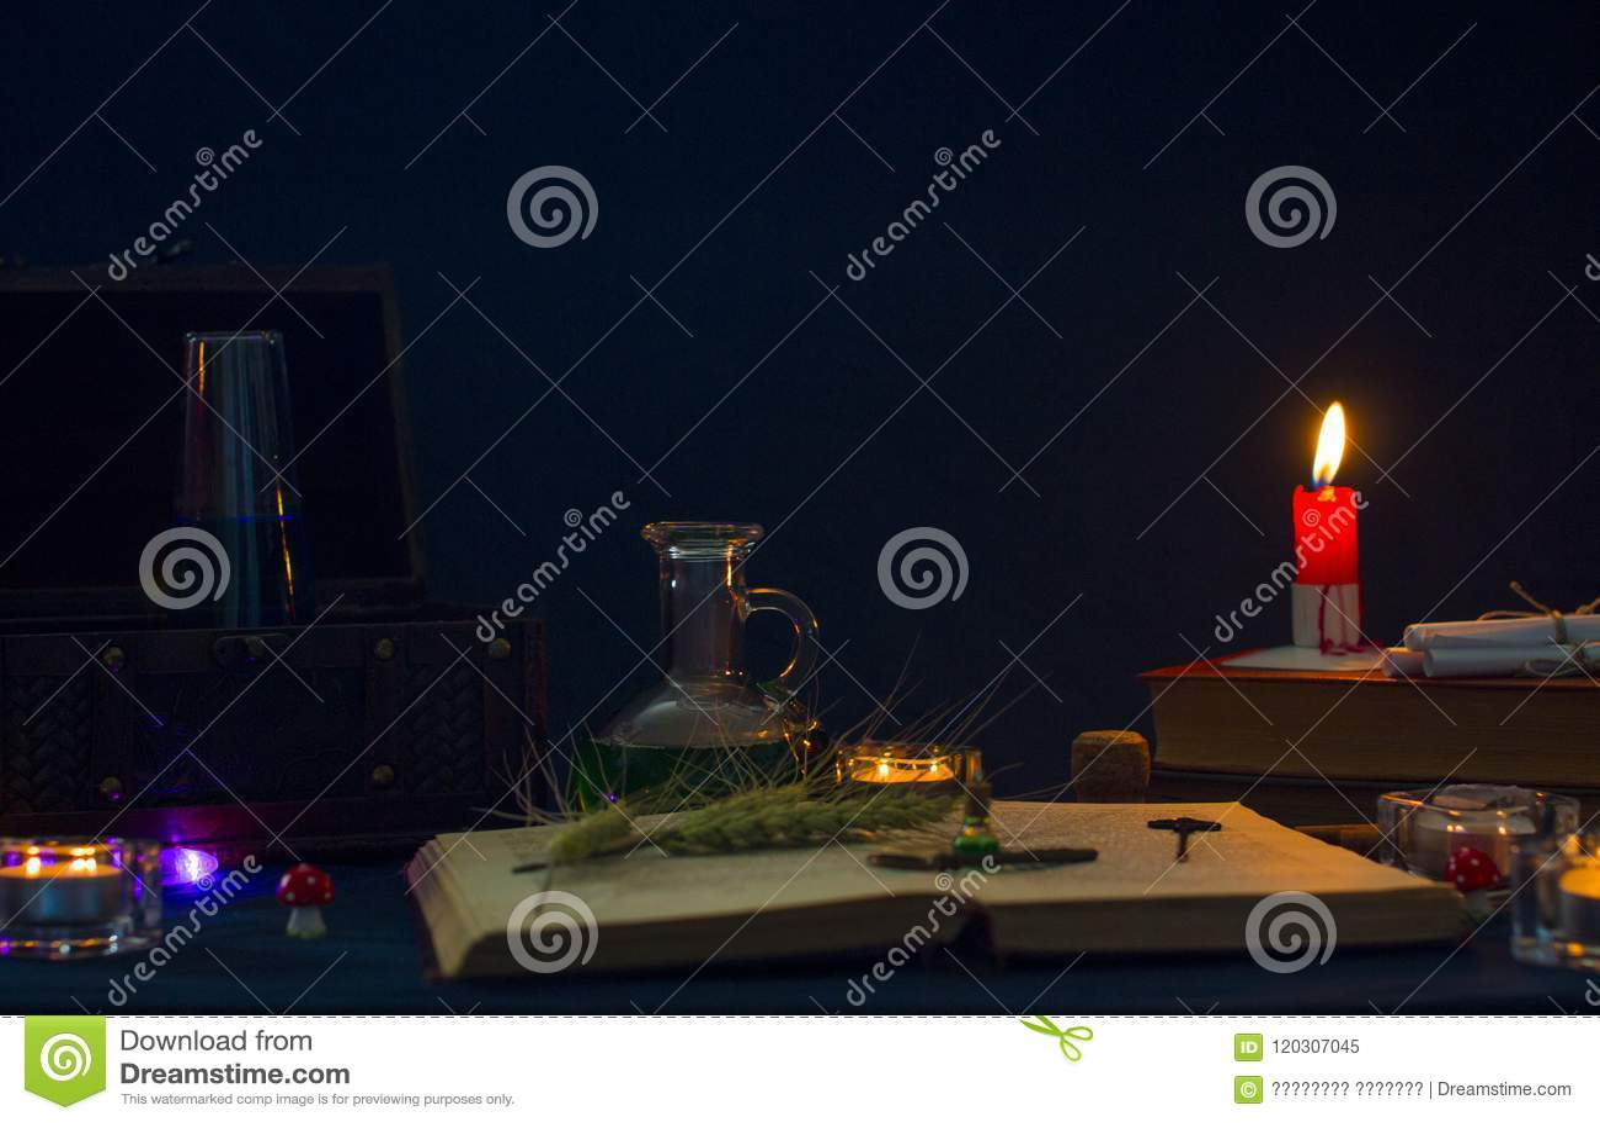 Μαγική φίλτρο, αρχαία βιβλία και κεριά στο σκοτεινό υπόβαθρο